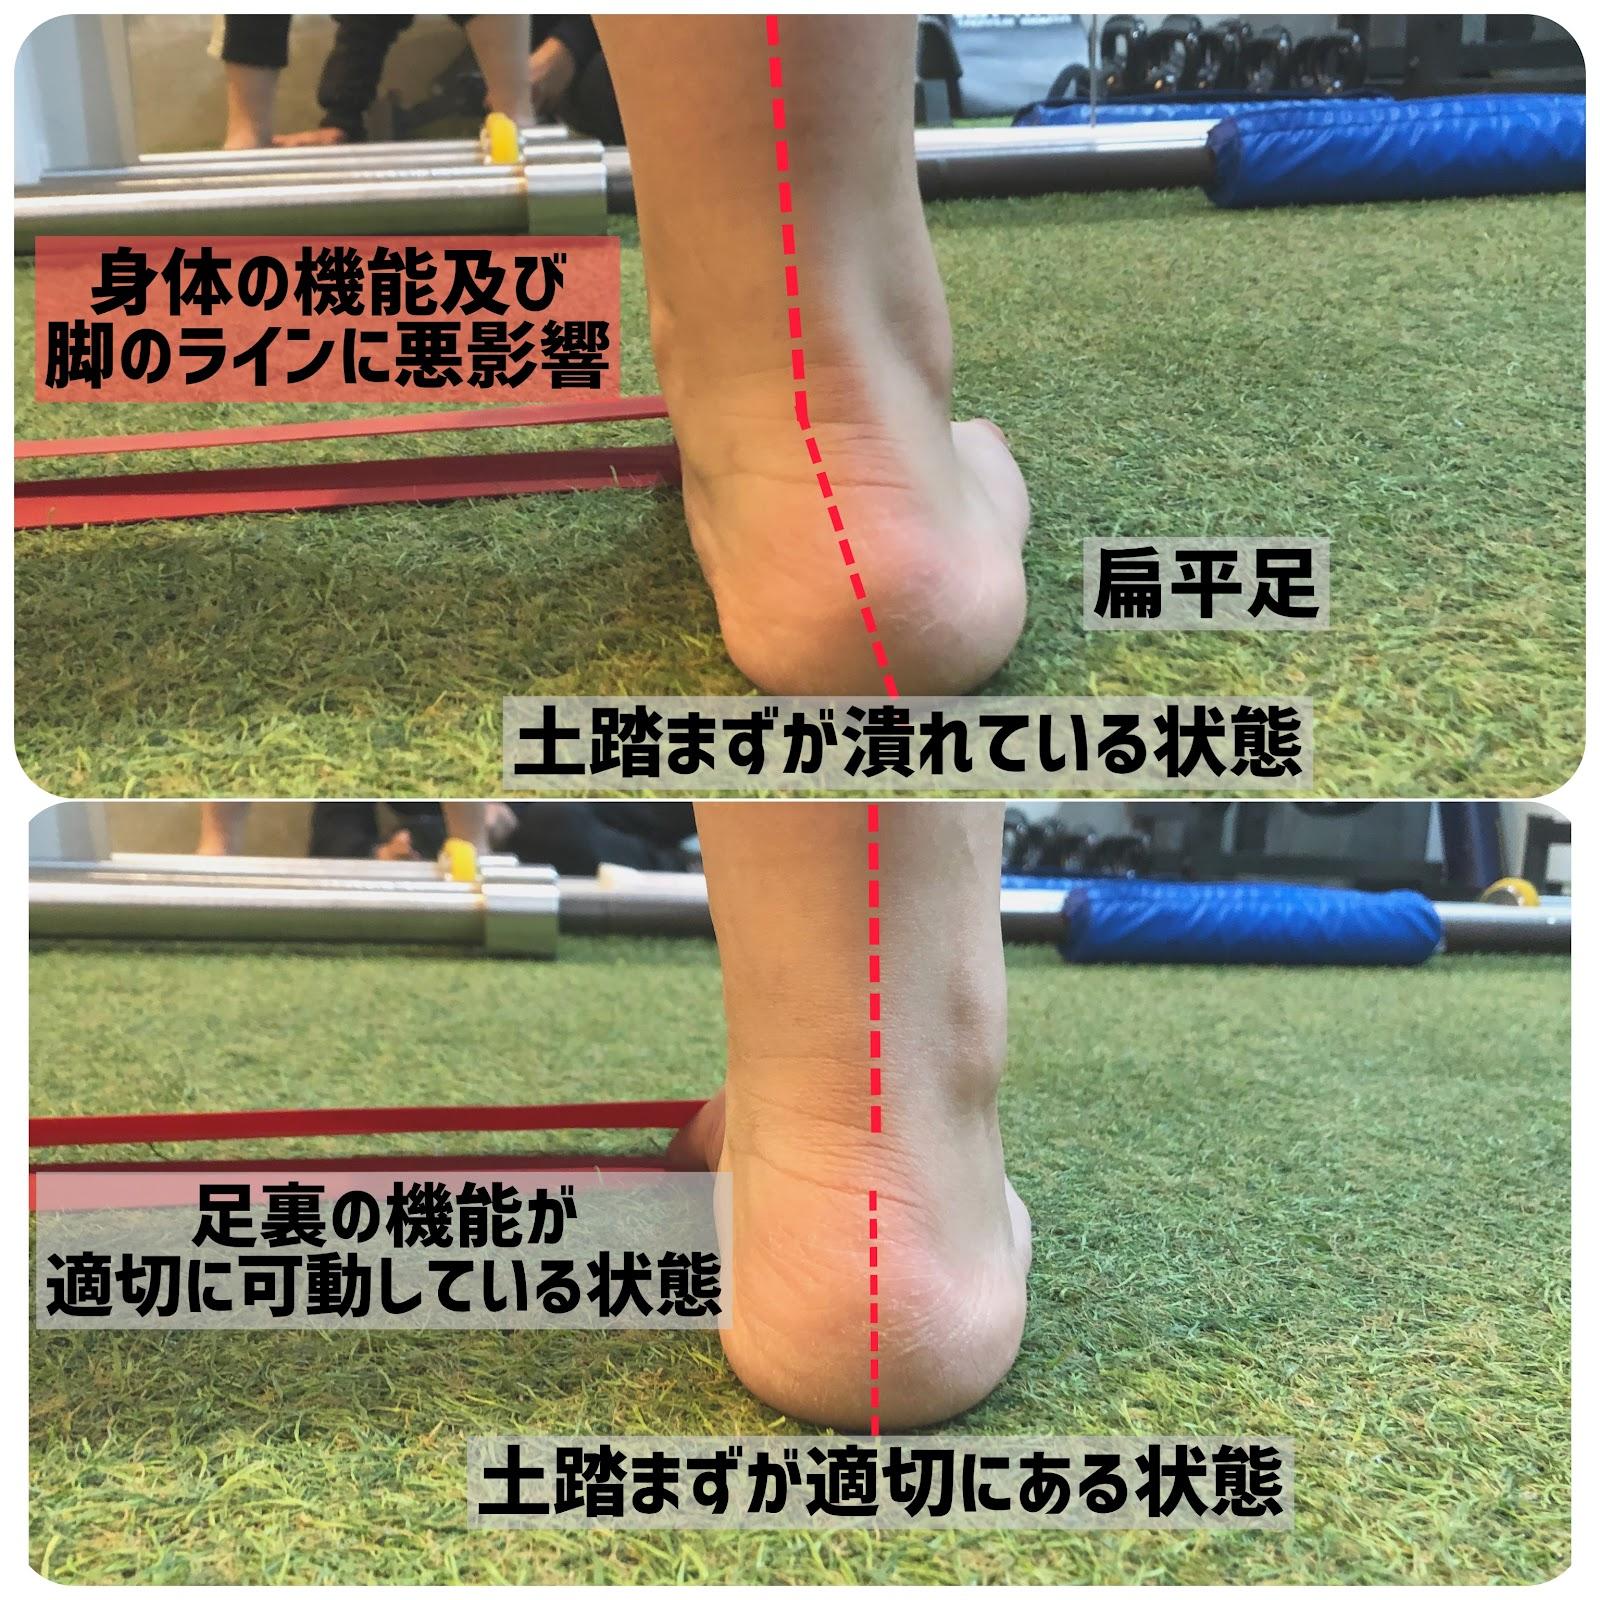 足底の使われ方